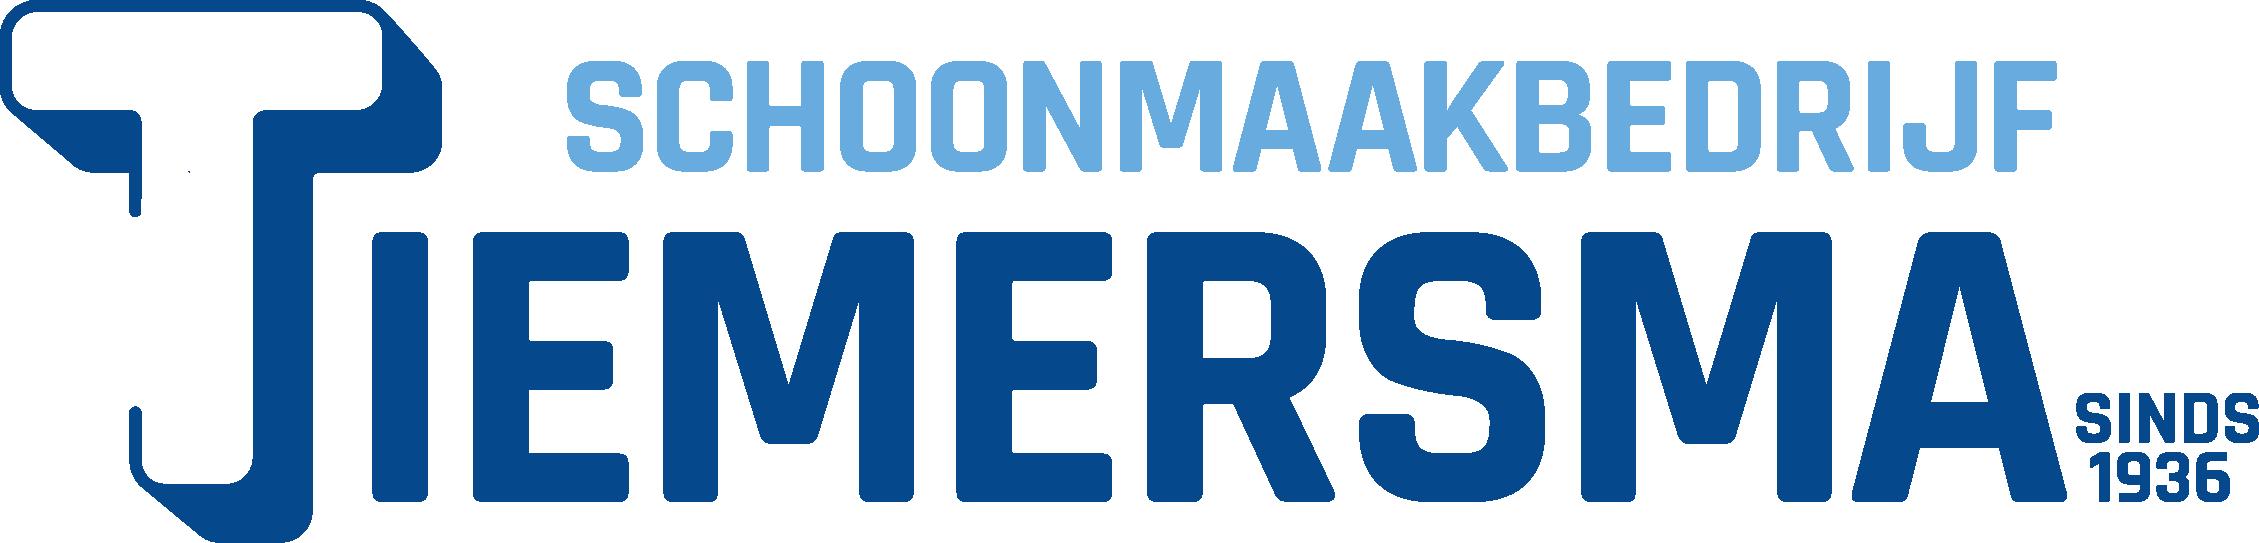 Schoonmaakbedrijf-Tiemersma-logo-jaartal-RGB